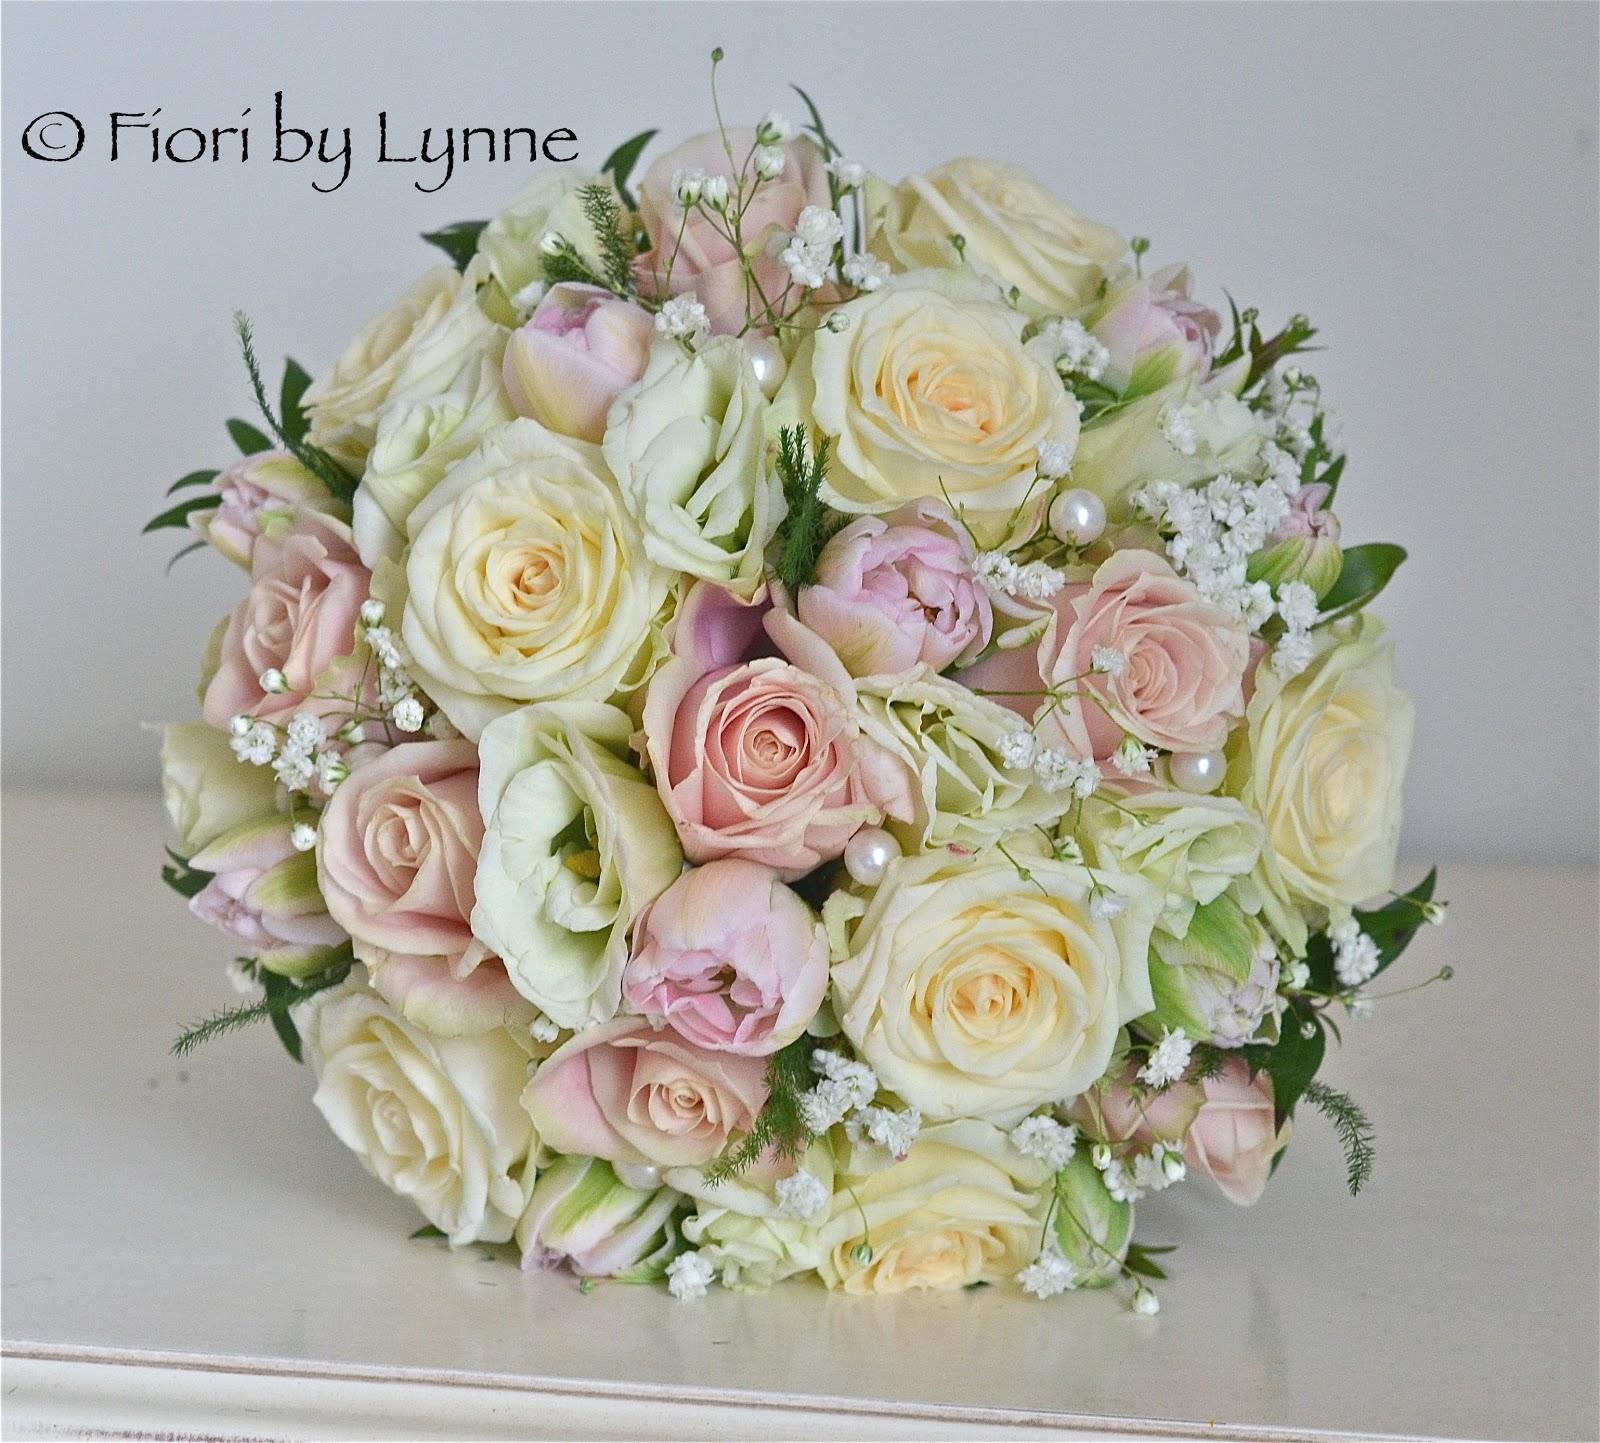 Vintage Flower Arrangements For Wedding: Wedding Flowers Blog: Hannah's Vintage Wedding Flowers